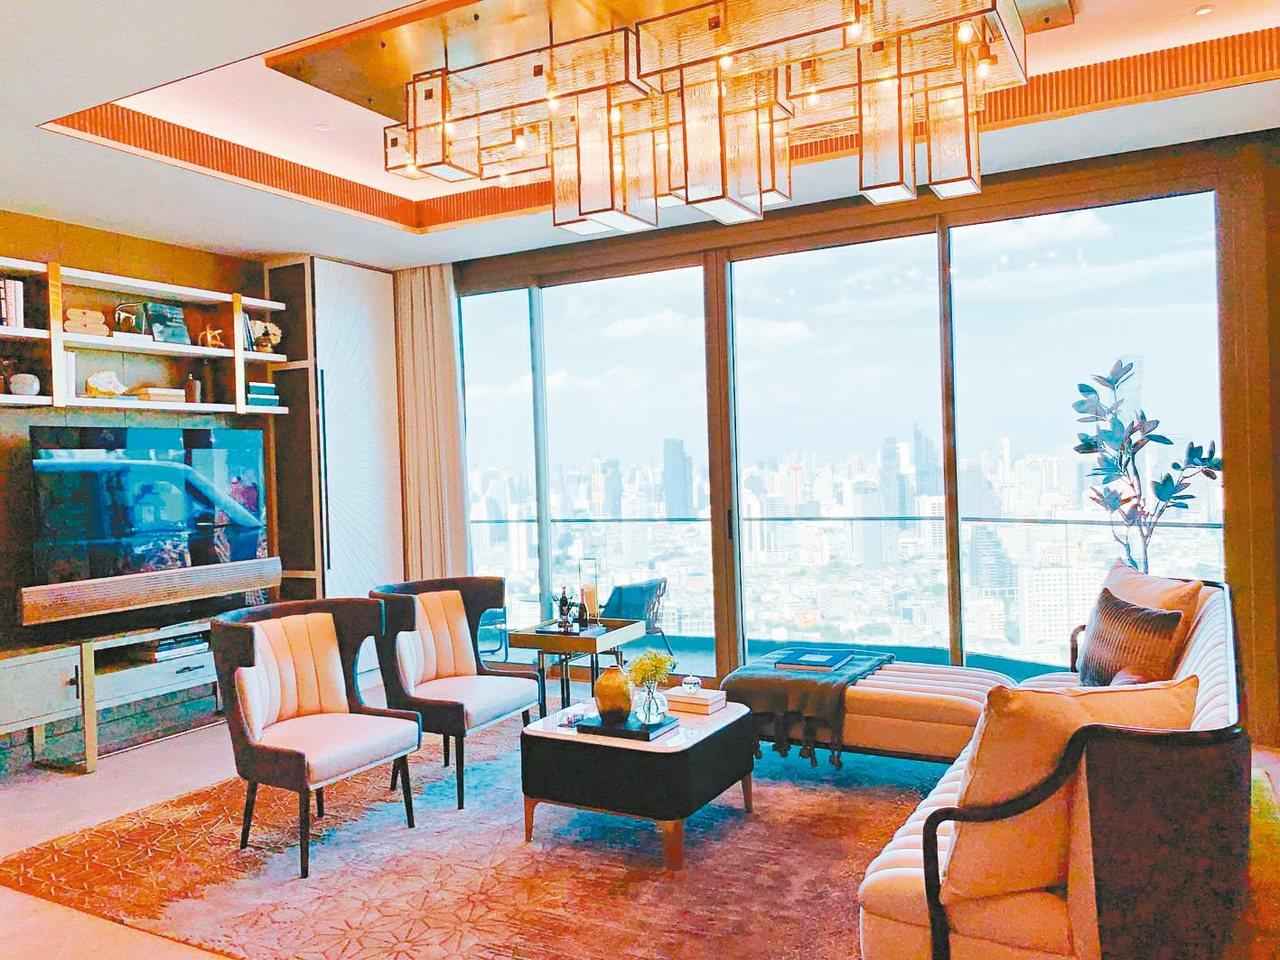 客廳設有大片落地窗,坐擁無敵河岸景緻。 特派記者徐力剛/攝影